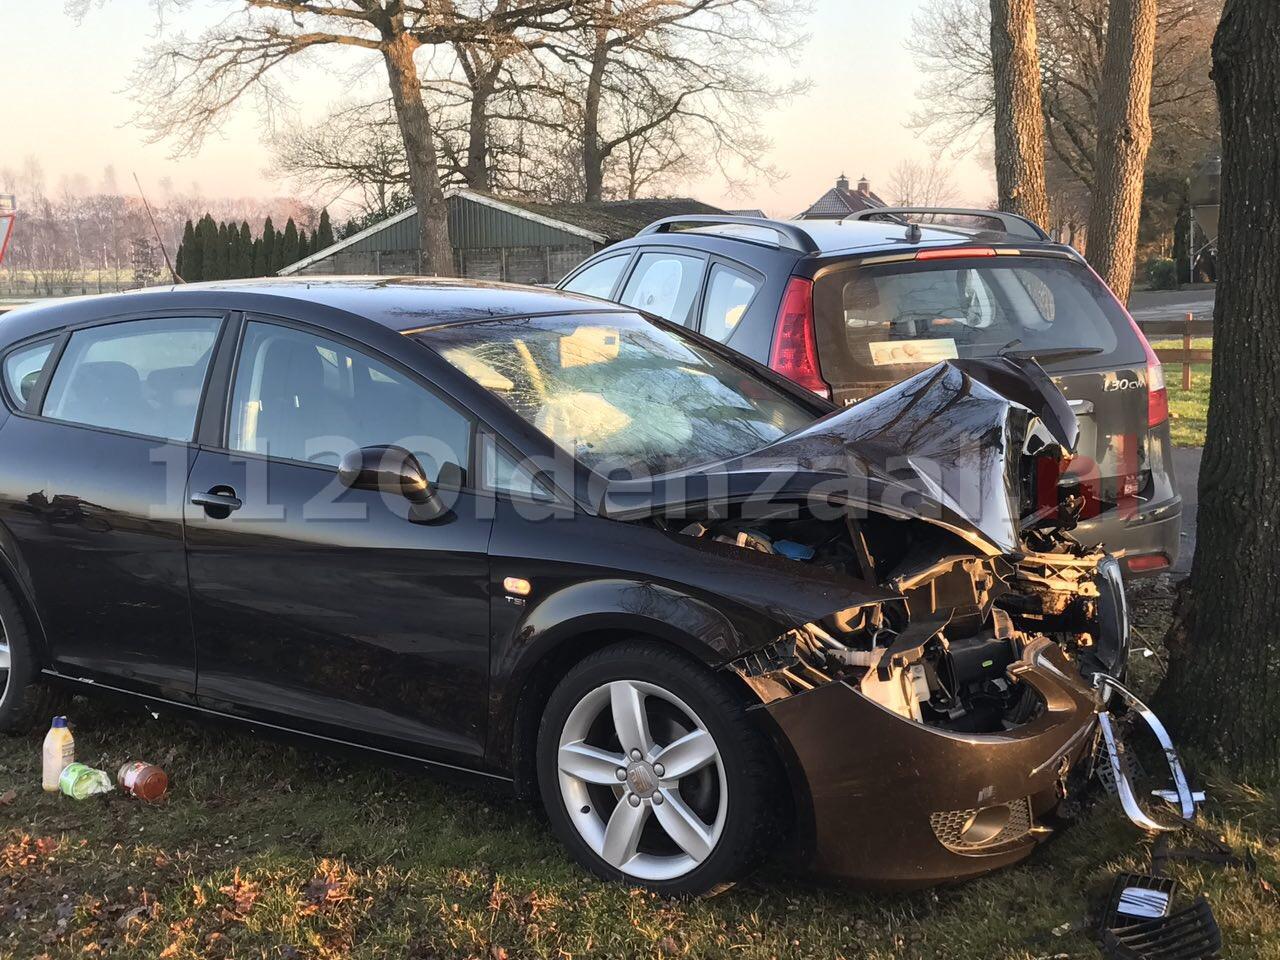 Foto: Drie gewonden bij forse aanrijding in Albergen